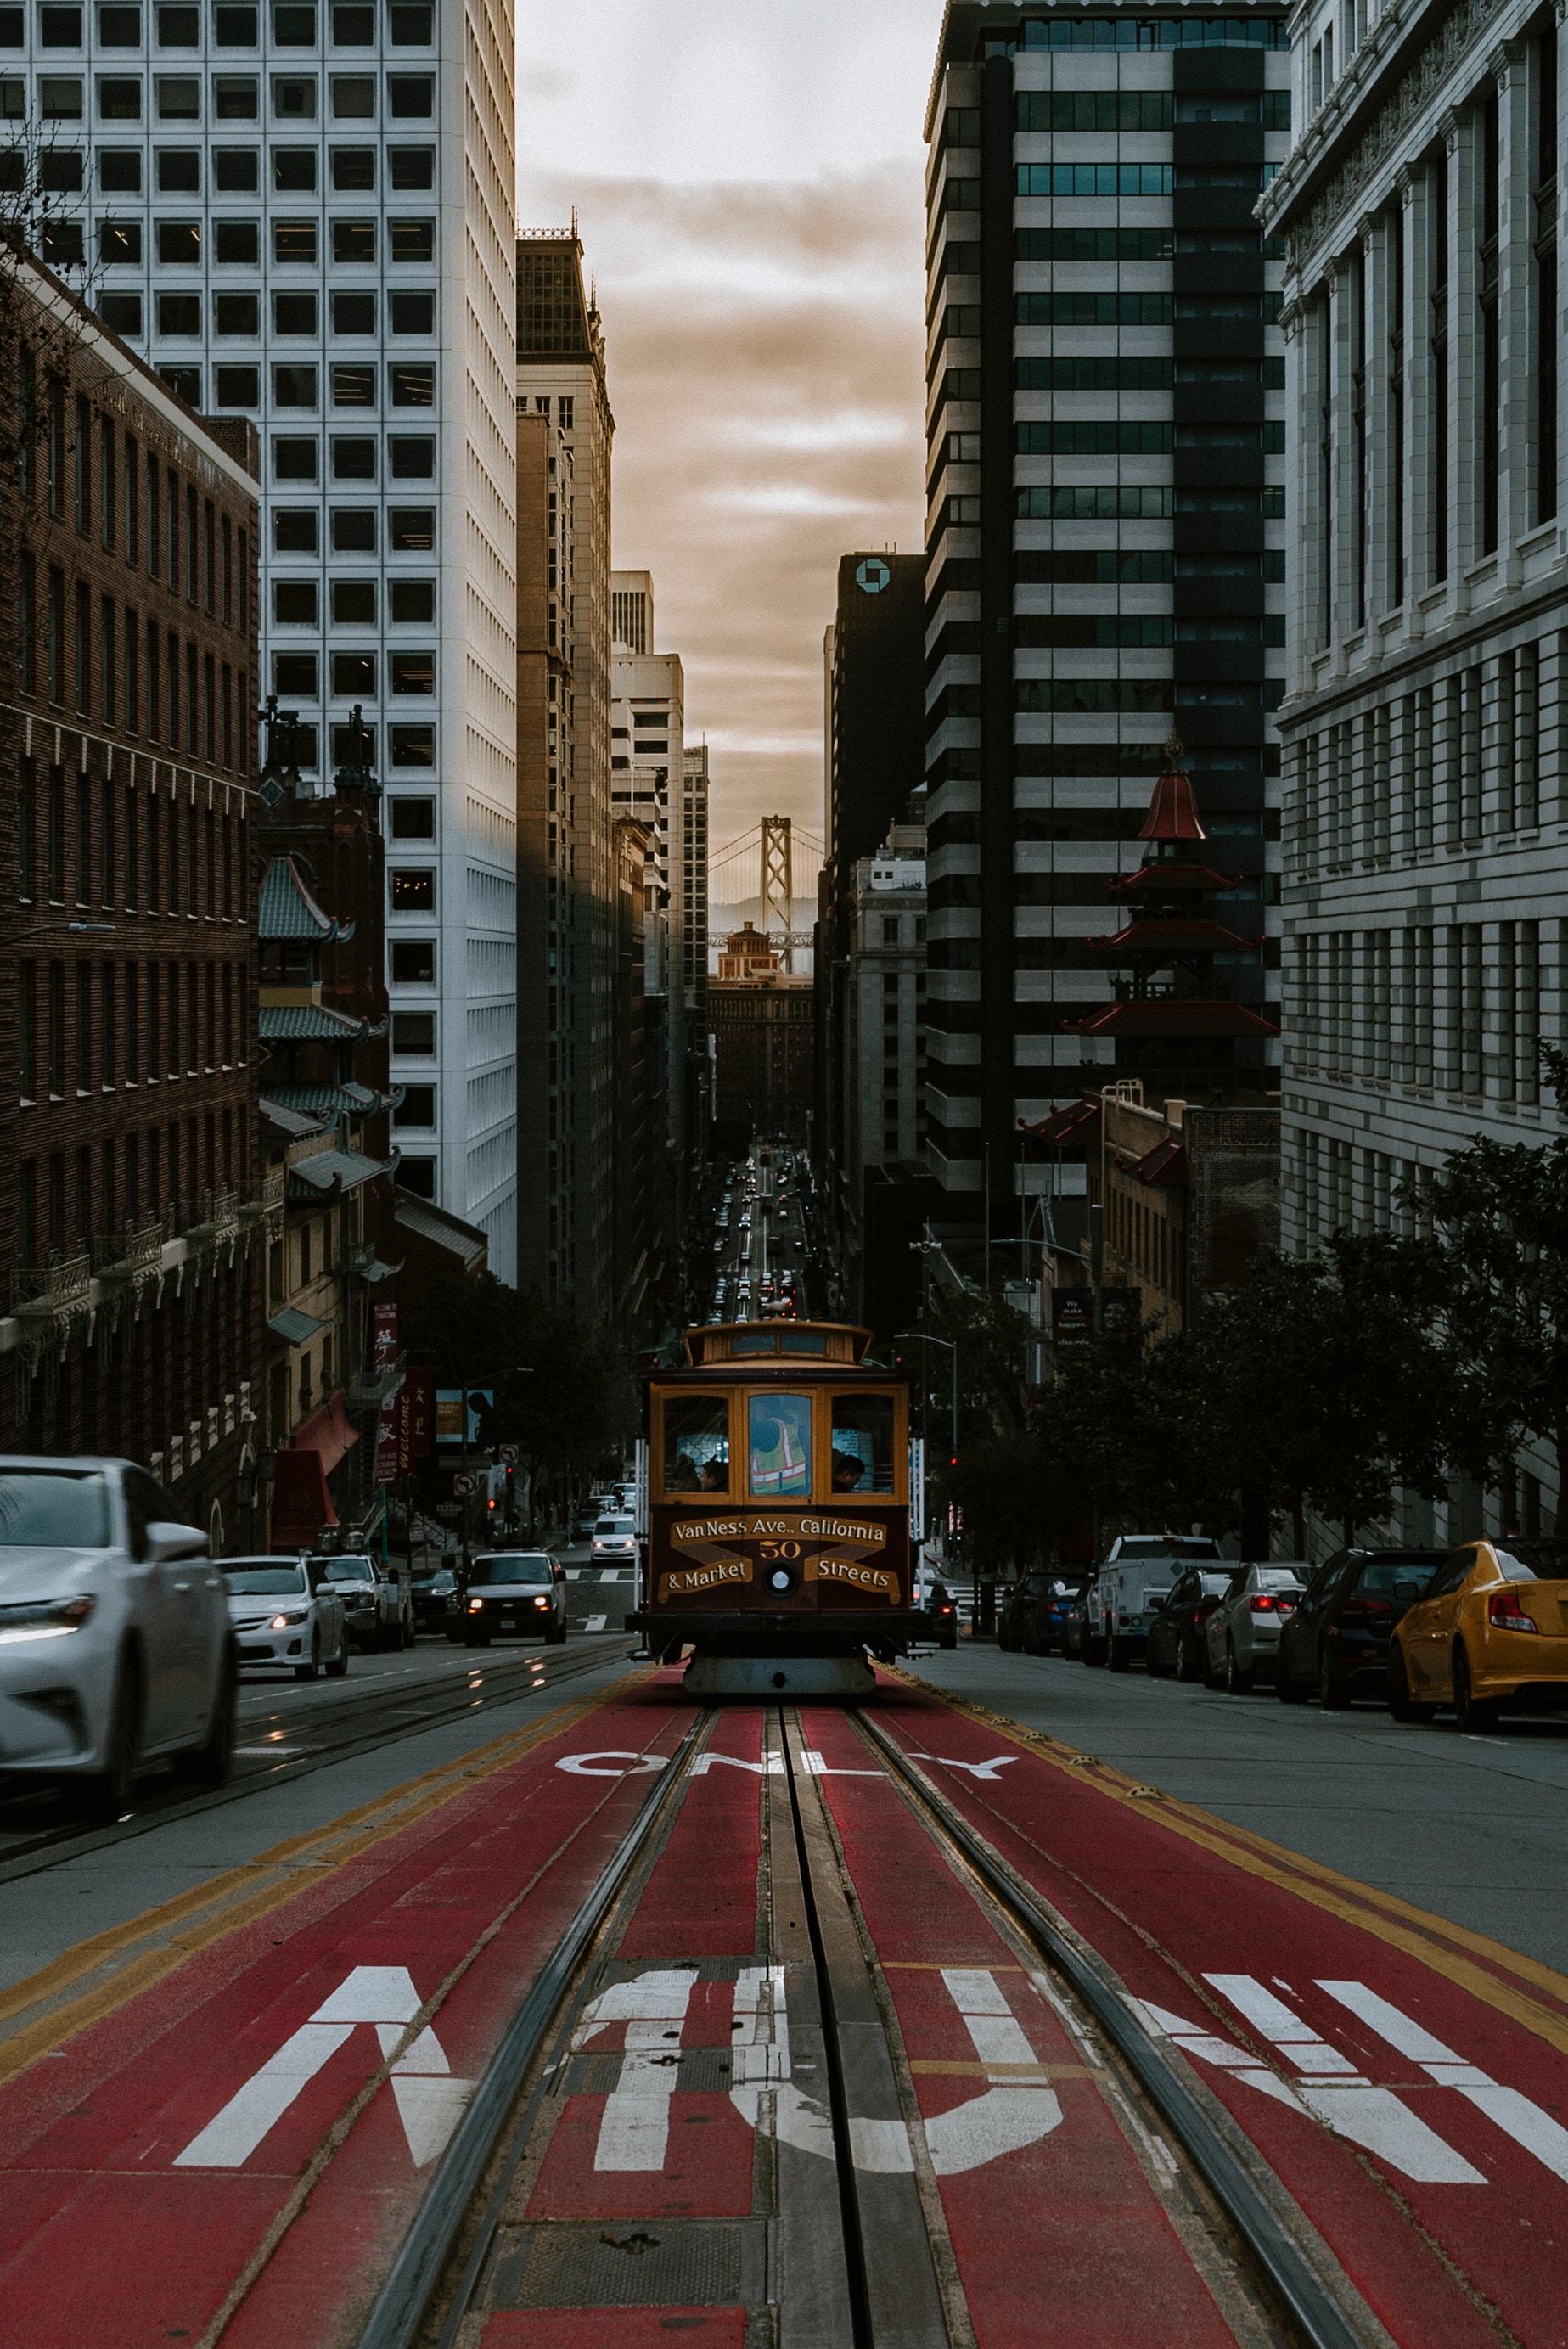 113393 скачать обои Трамвай, Транспорт, Улица, Город, Движение, Города - заставки и картинки бесплатно